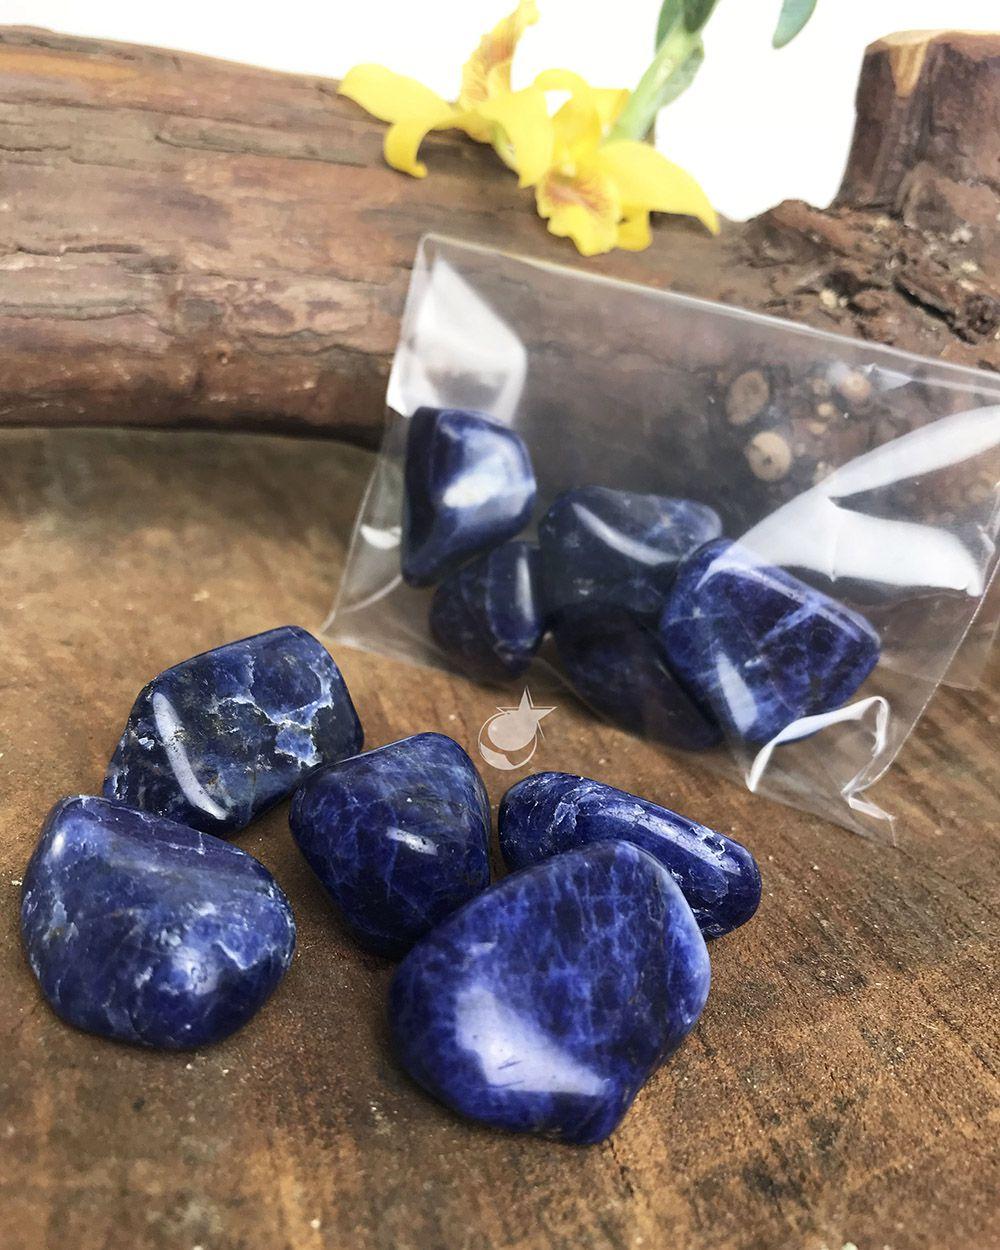 SODALITA ROLADA - Pacote com 5 pedras - Total 40 a 50g